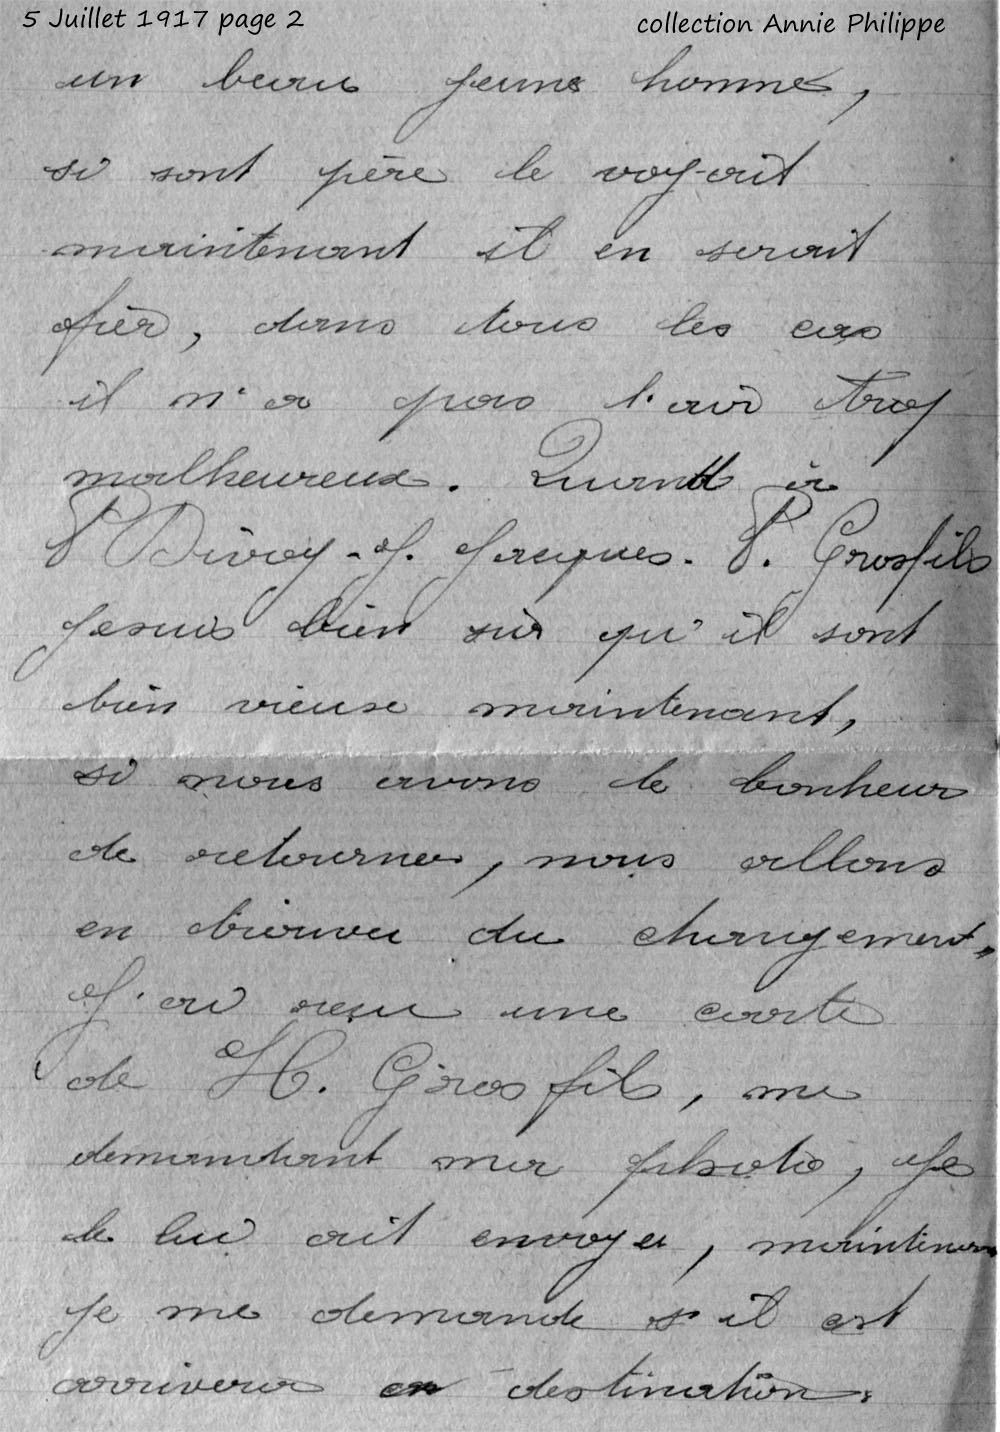 1917 07 05 PAGE 02 lettre de Félix à ses amis